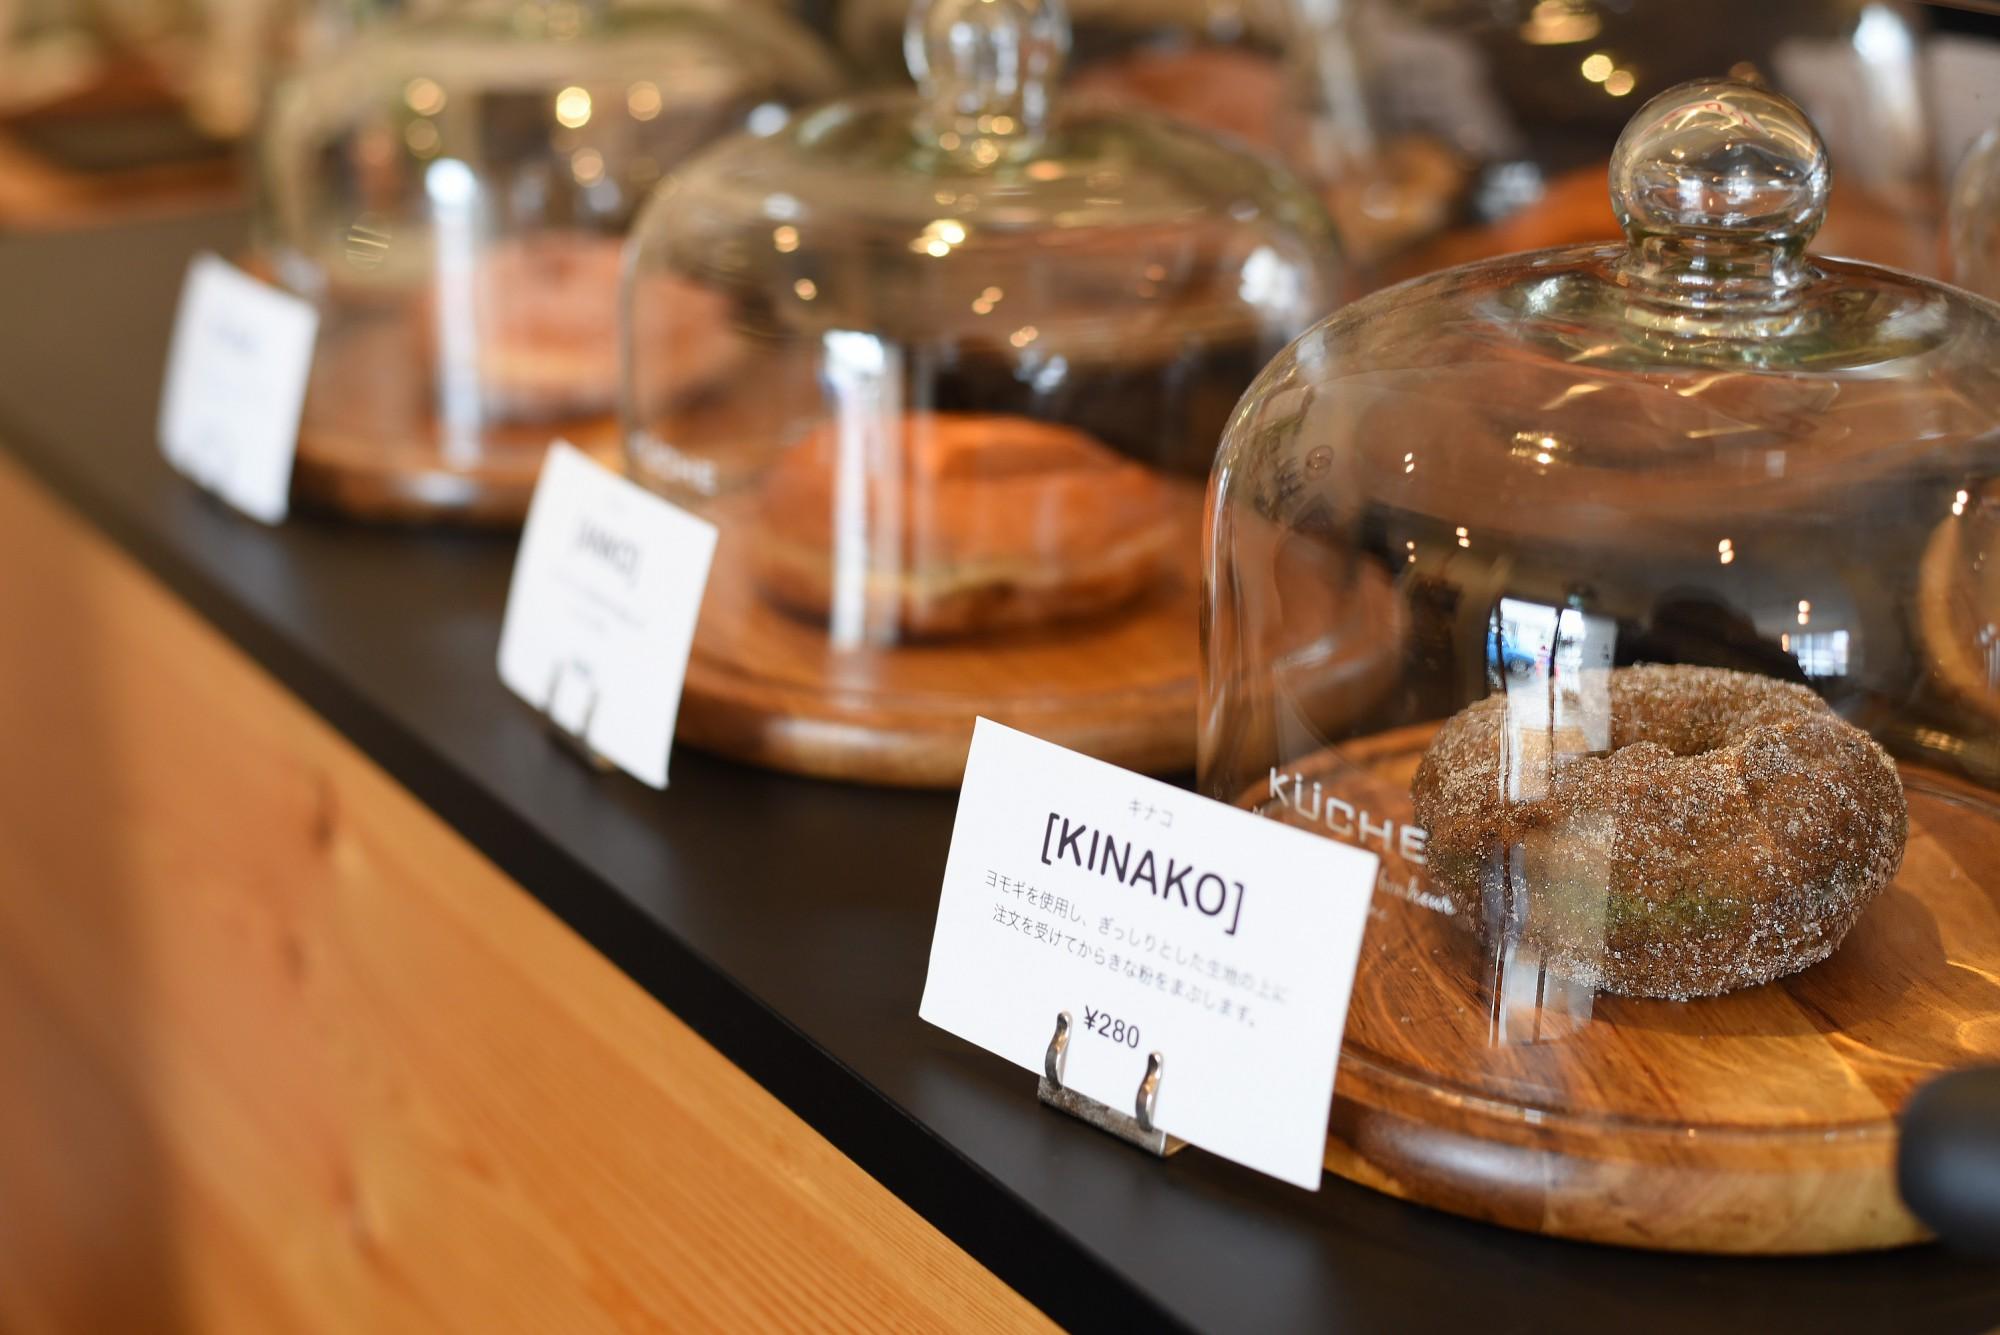 長岡市の人気パン屋「ブレッドアース」のドーナツ。ケーキは「パティスリーカフェVIGO」のもの。